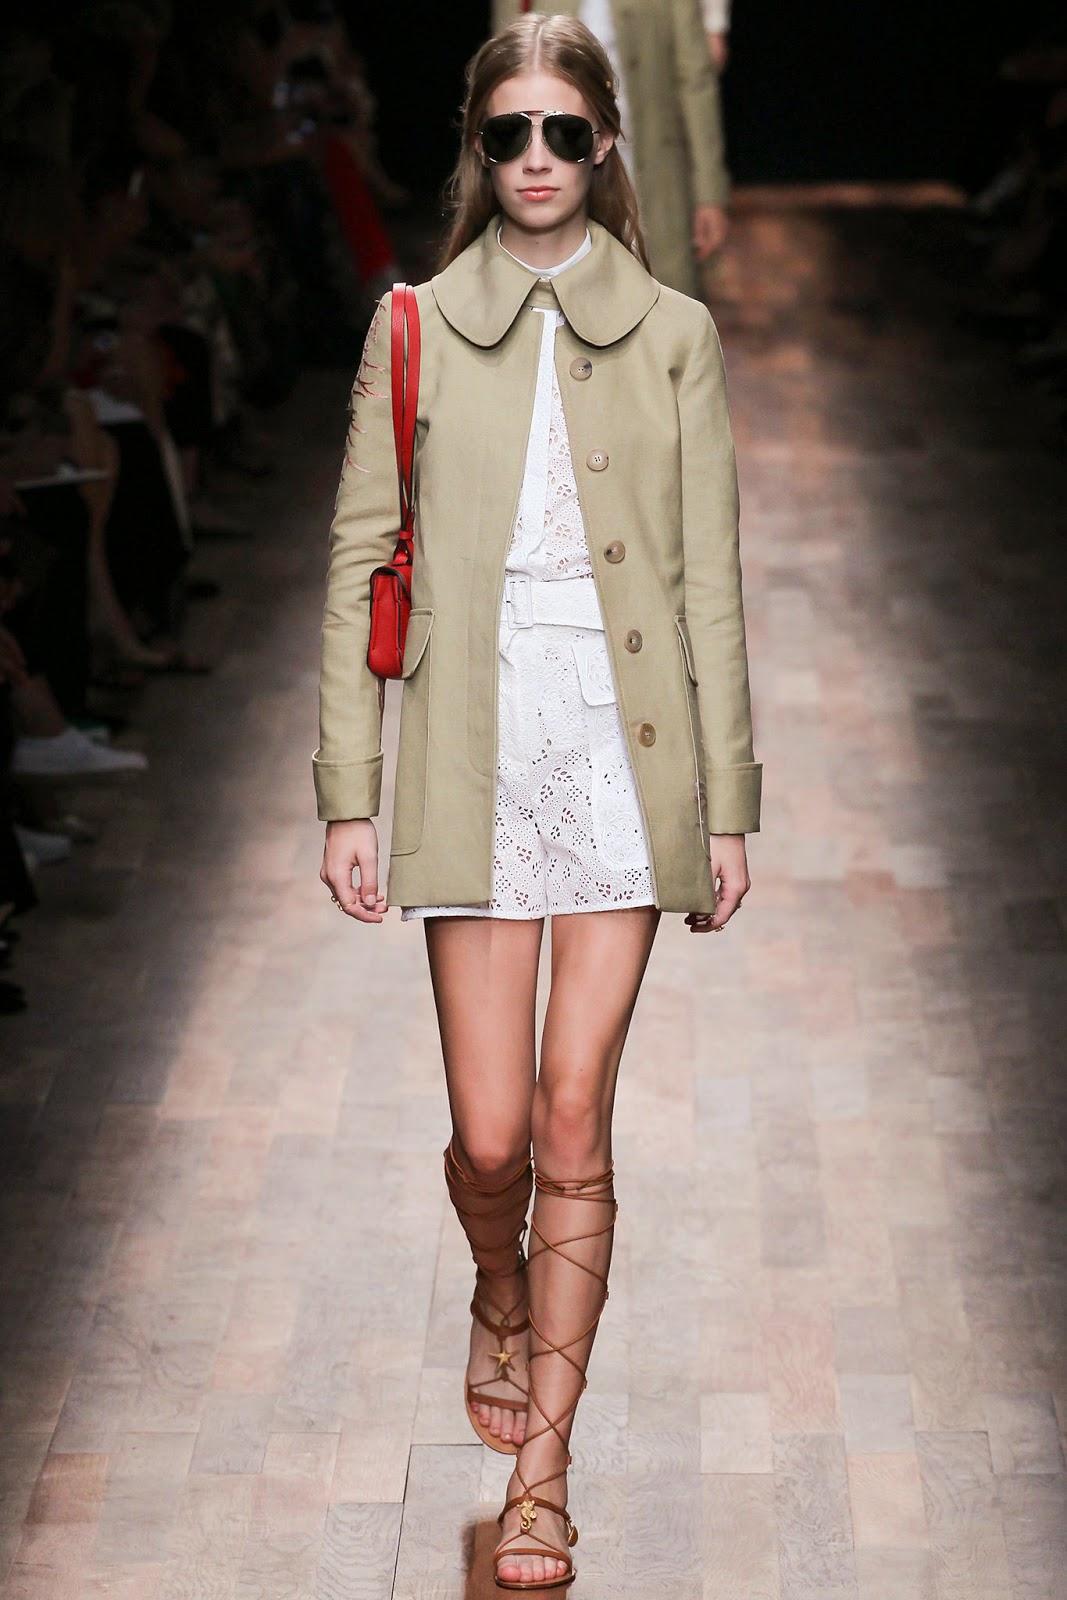 valentino 2015 summer 2016 trend women dress61 Valentino 2015 samling, våren sommaren 2016 Valentino klänning modeller, Valentino kväll klänning nya säsongen kvinnors kjolar modeller